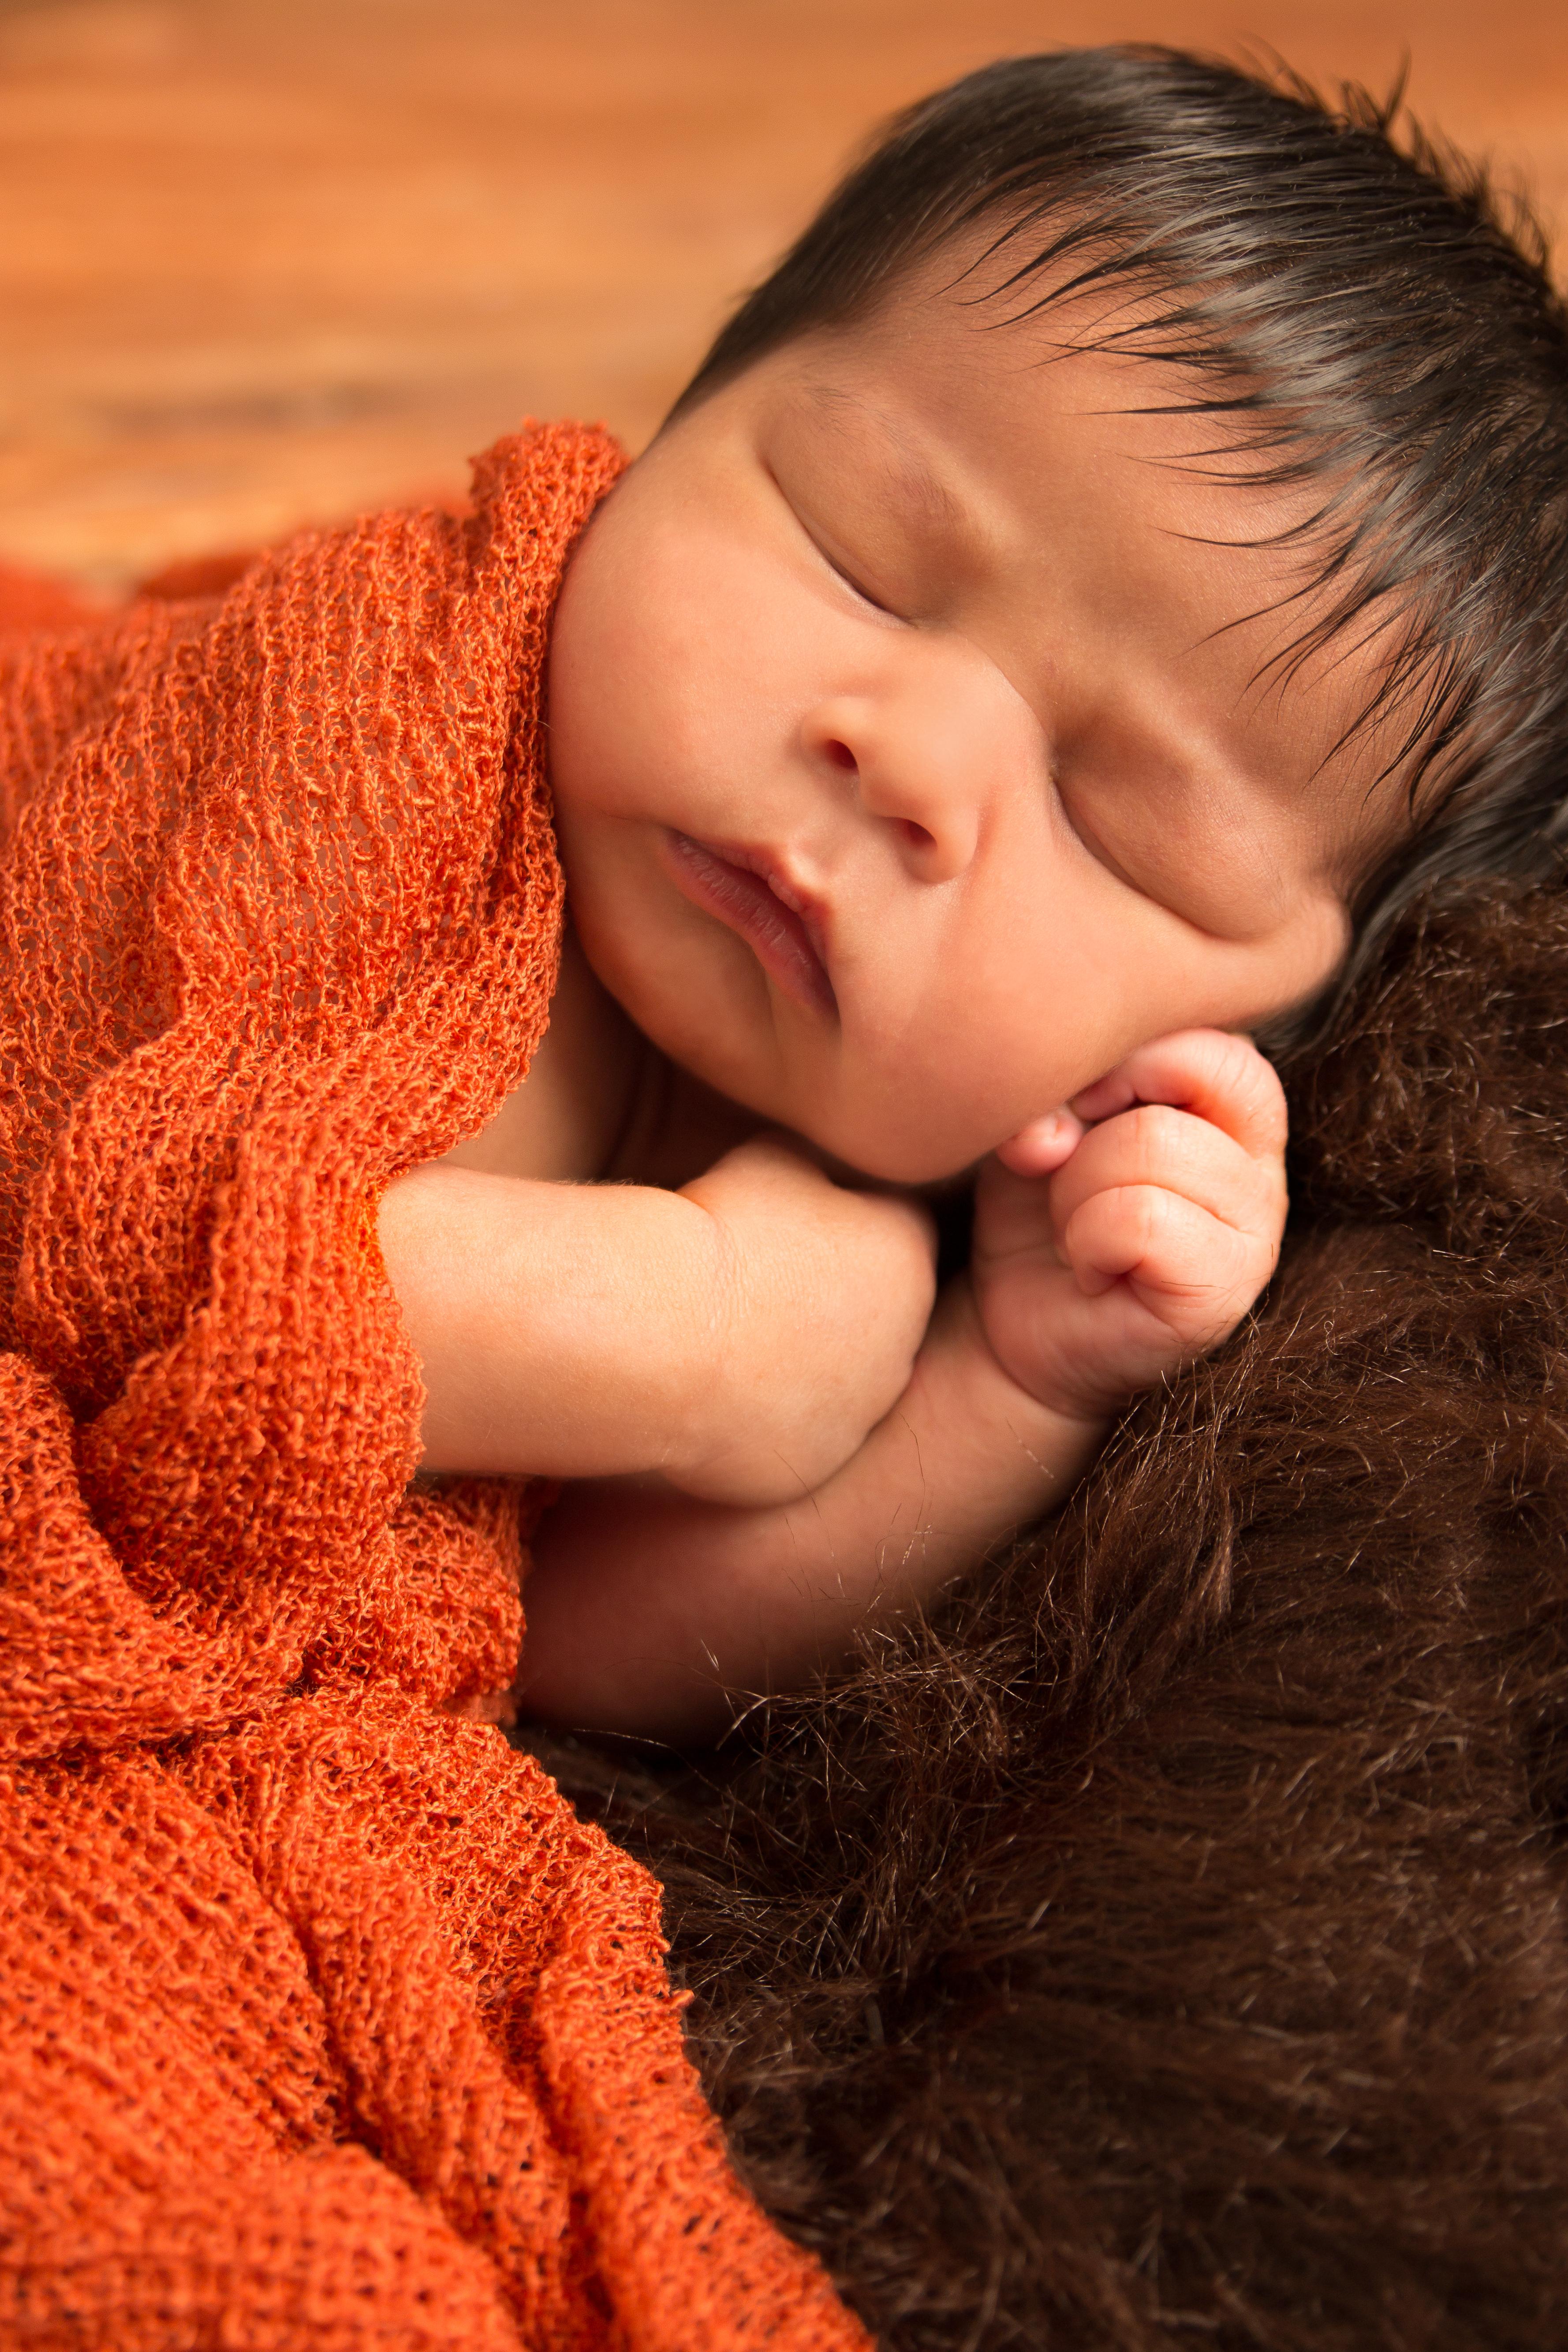 Baby sleeping on bear skin rug